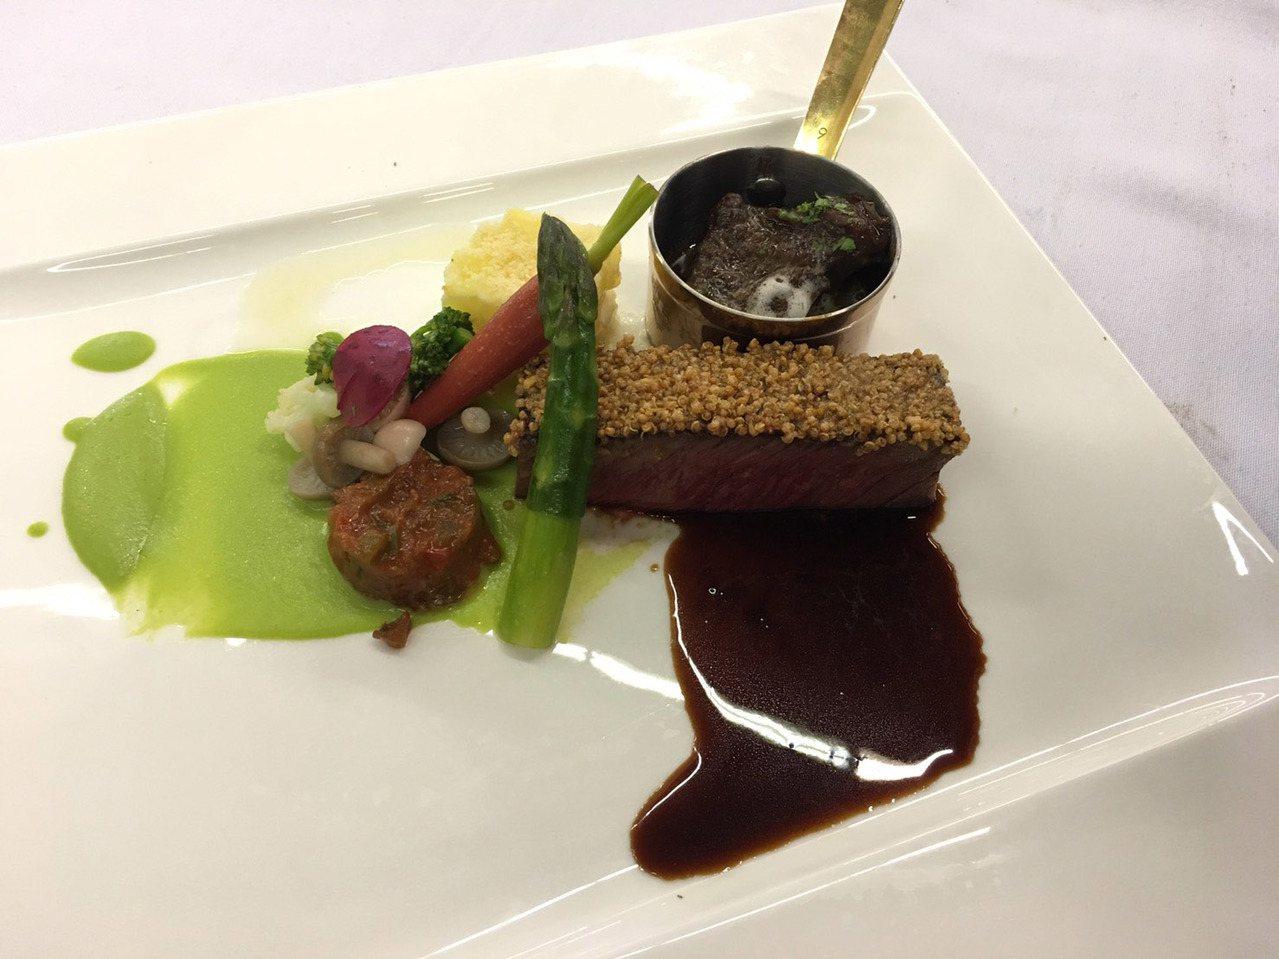 大葉大學餐旅管理學系老師彭建治的牛肉料理,獲得最高分金牌。圖/大葉大學提供